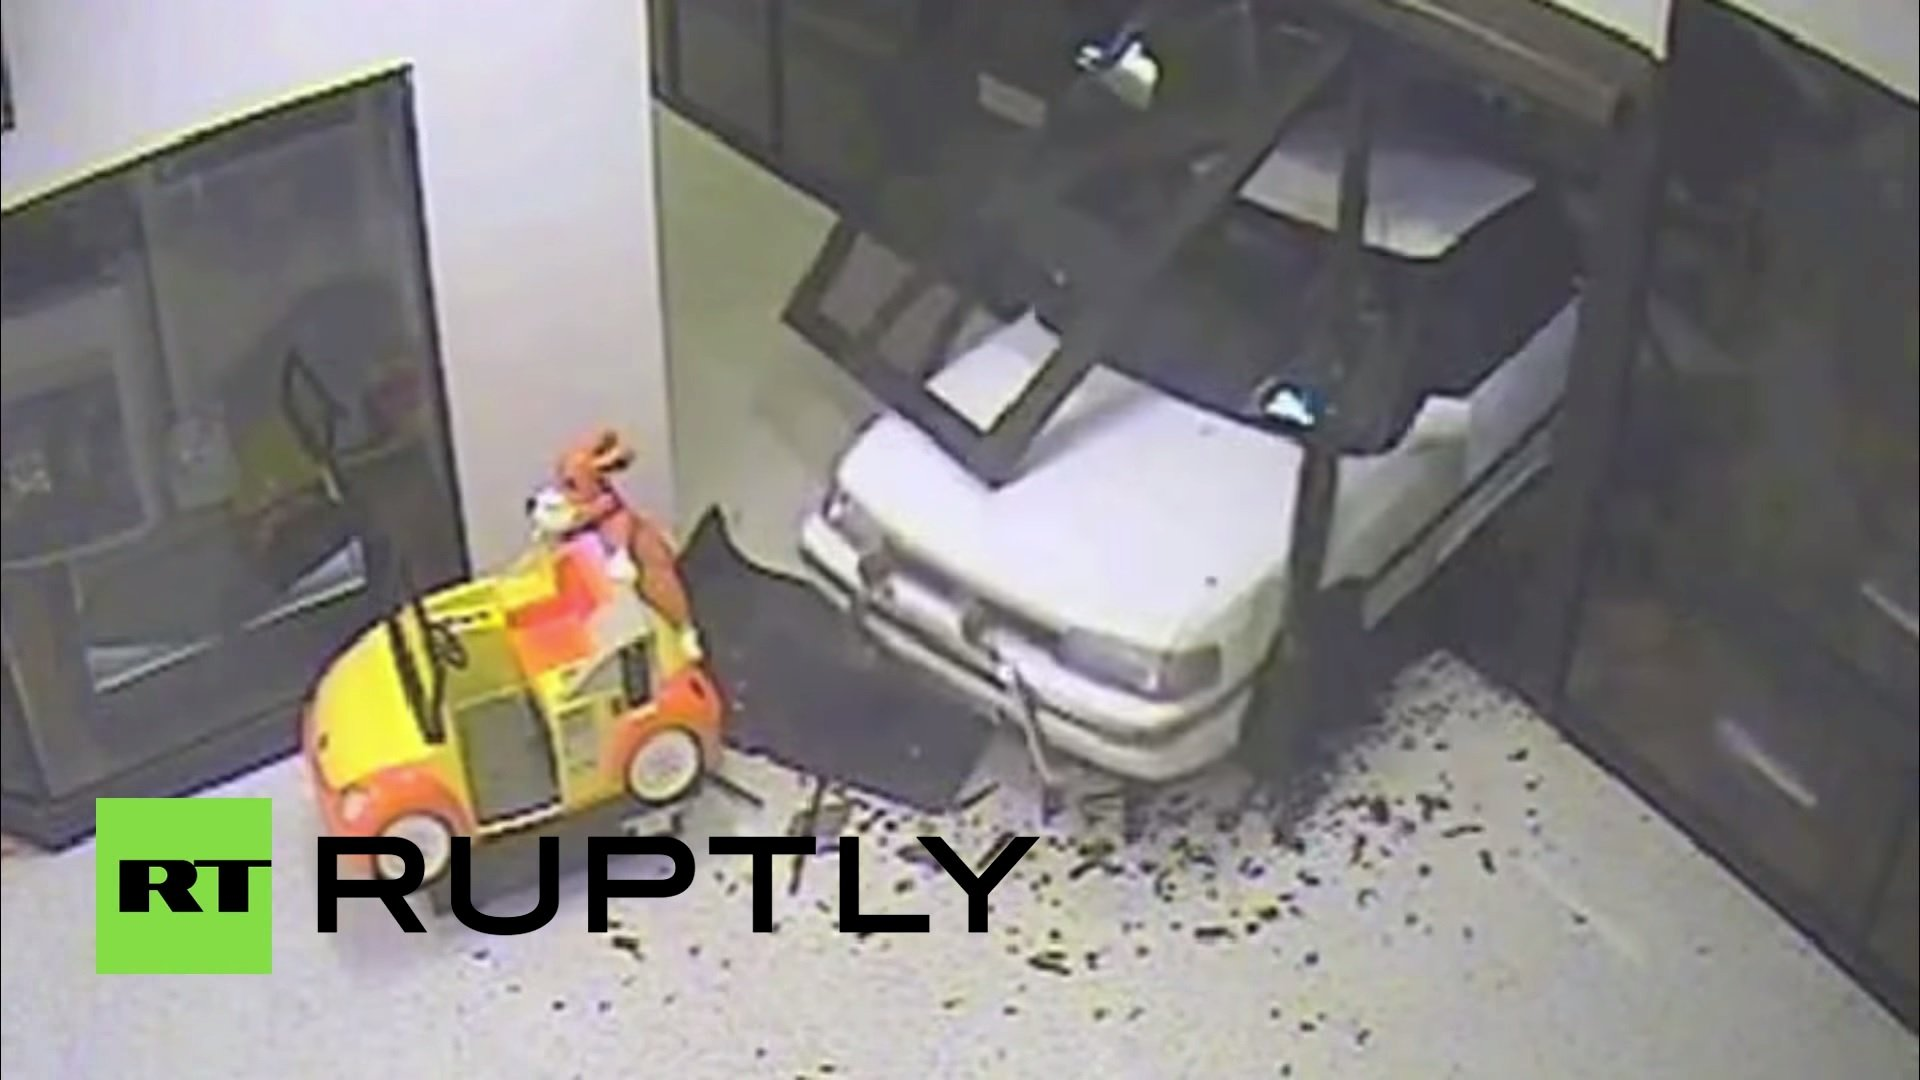 كاميرا مراقبة توثق عملية سرقة بإستخدام سيارة